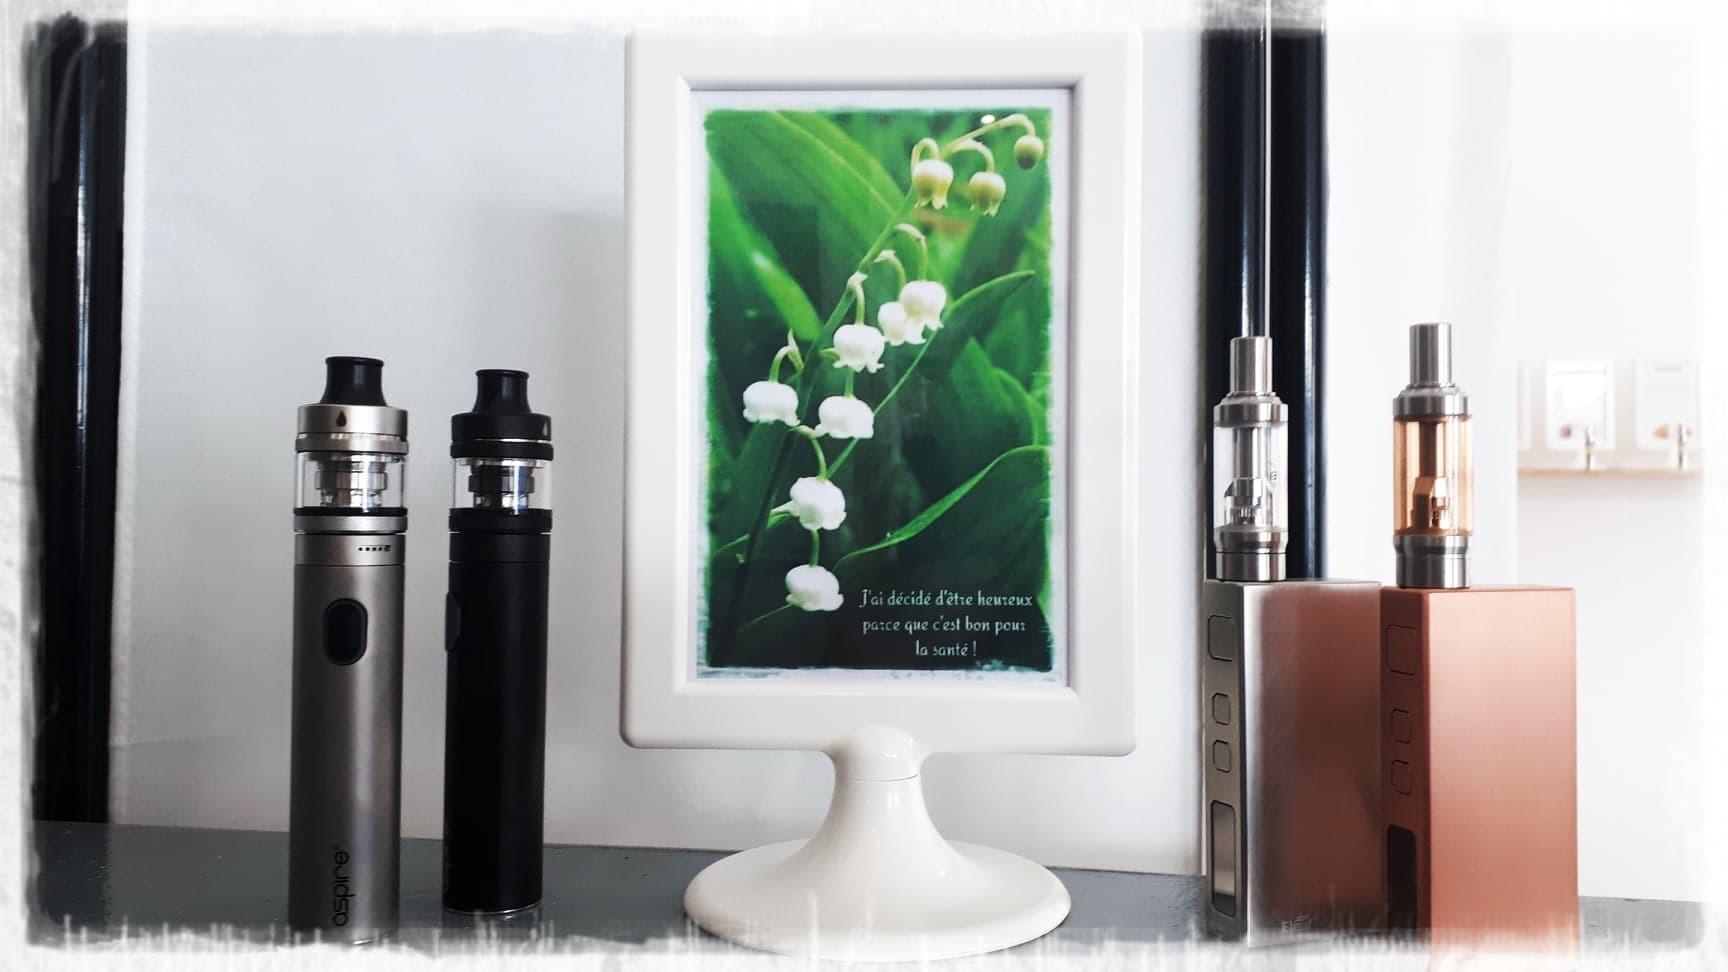 Galerie d'image - OH VAPOTEURS